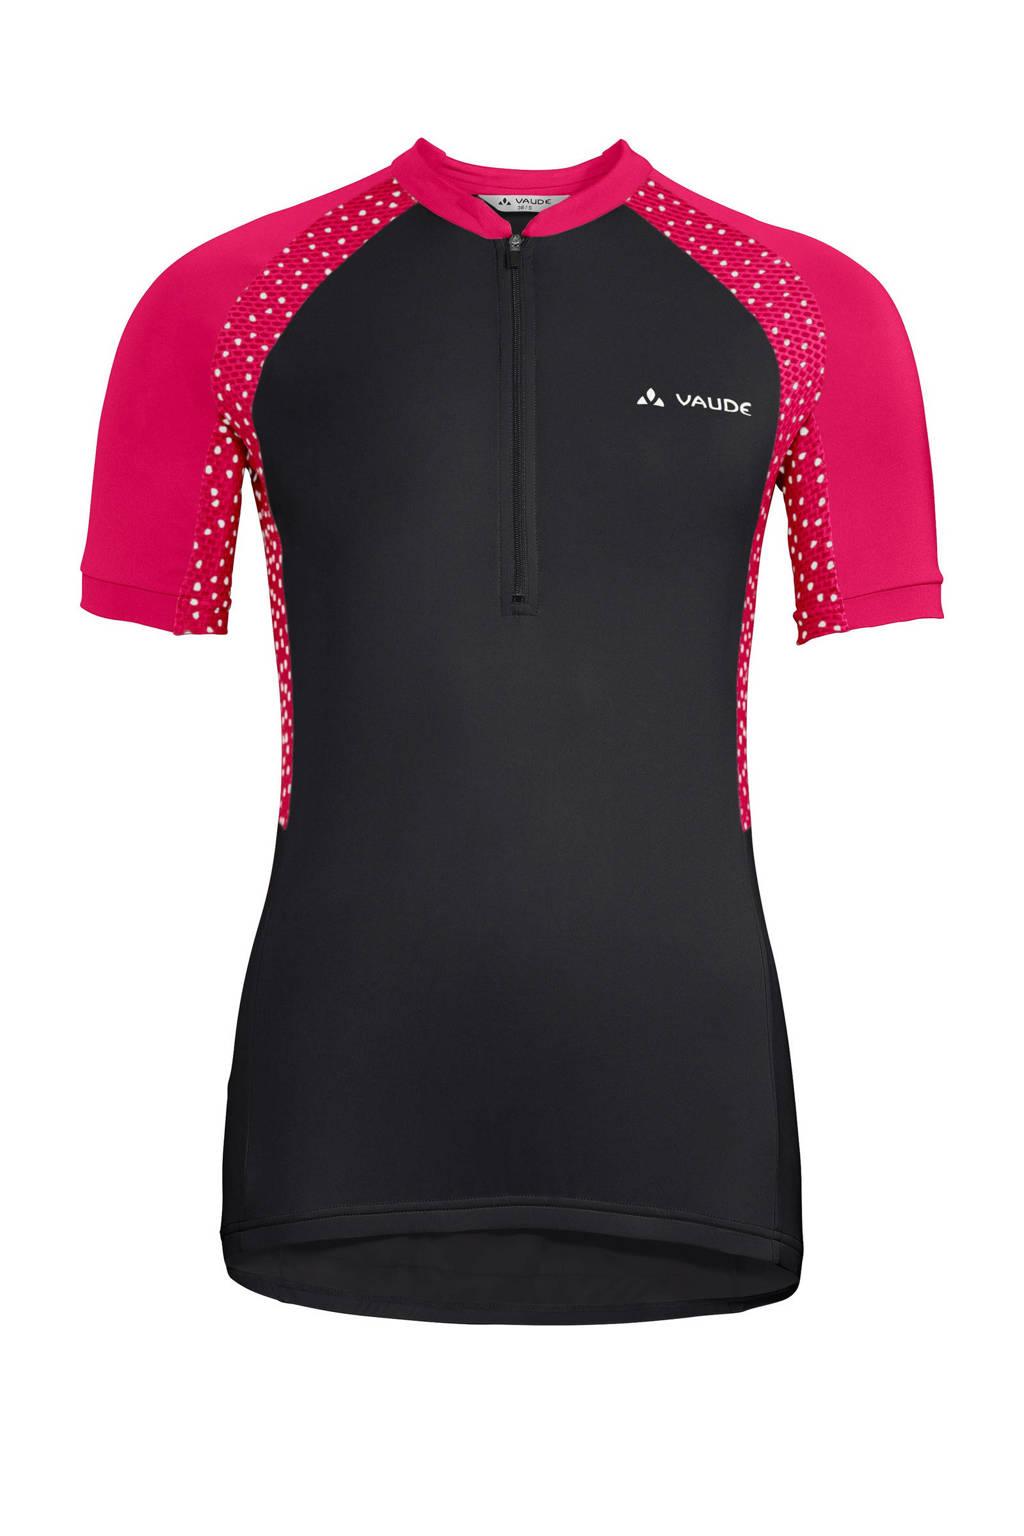 VAUDE fiets T-shirt Advanced Tricot IV zwart/roze, Zwart/roze